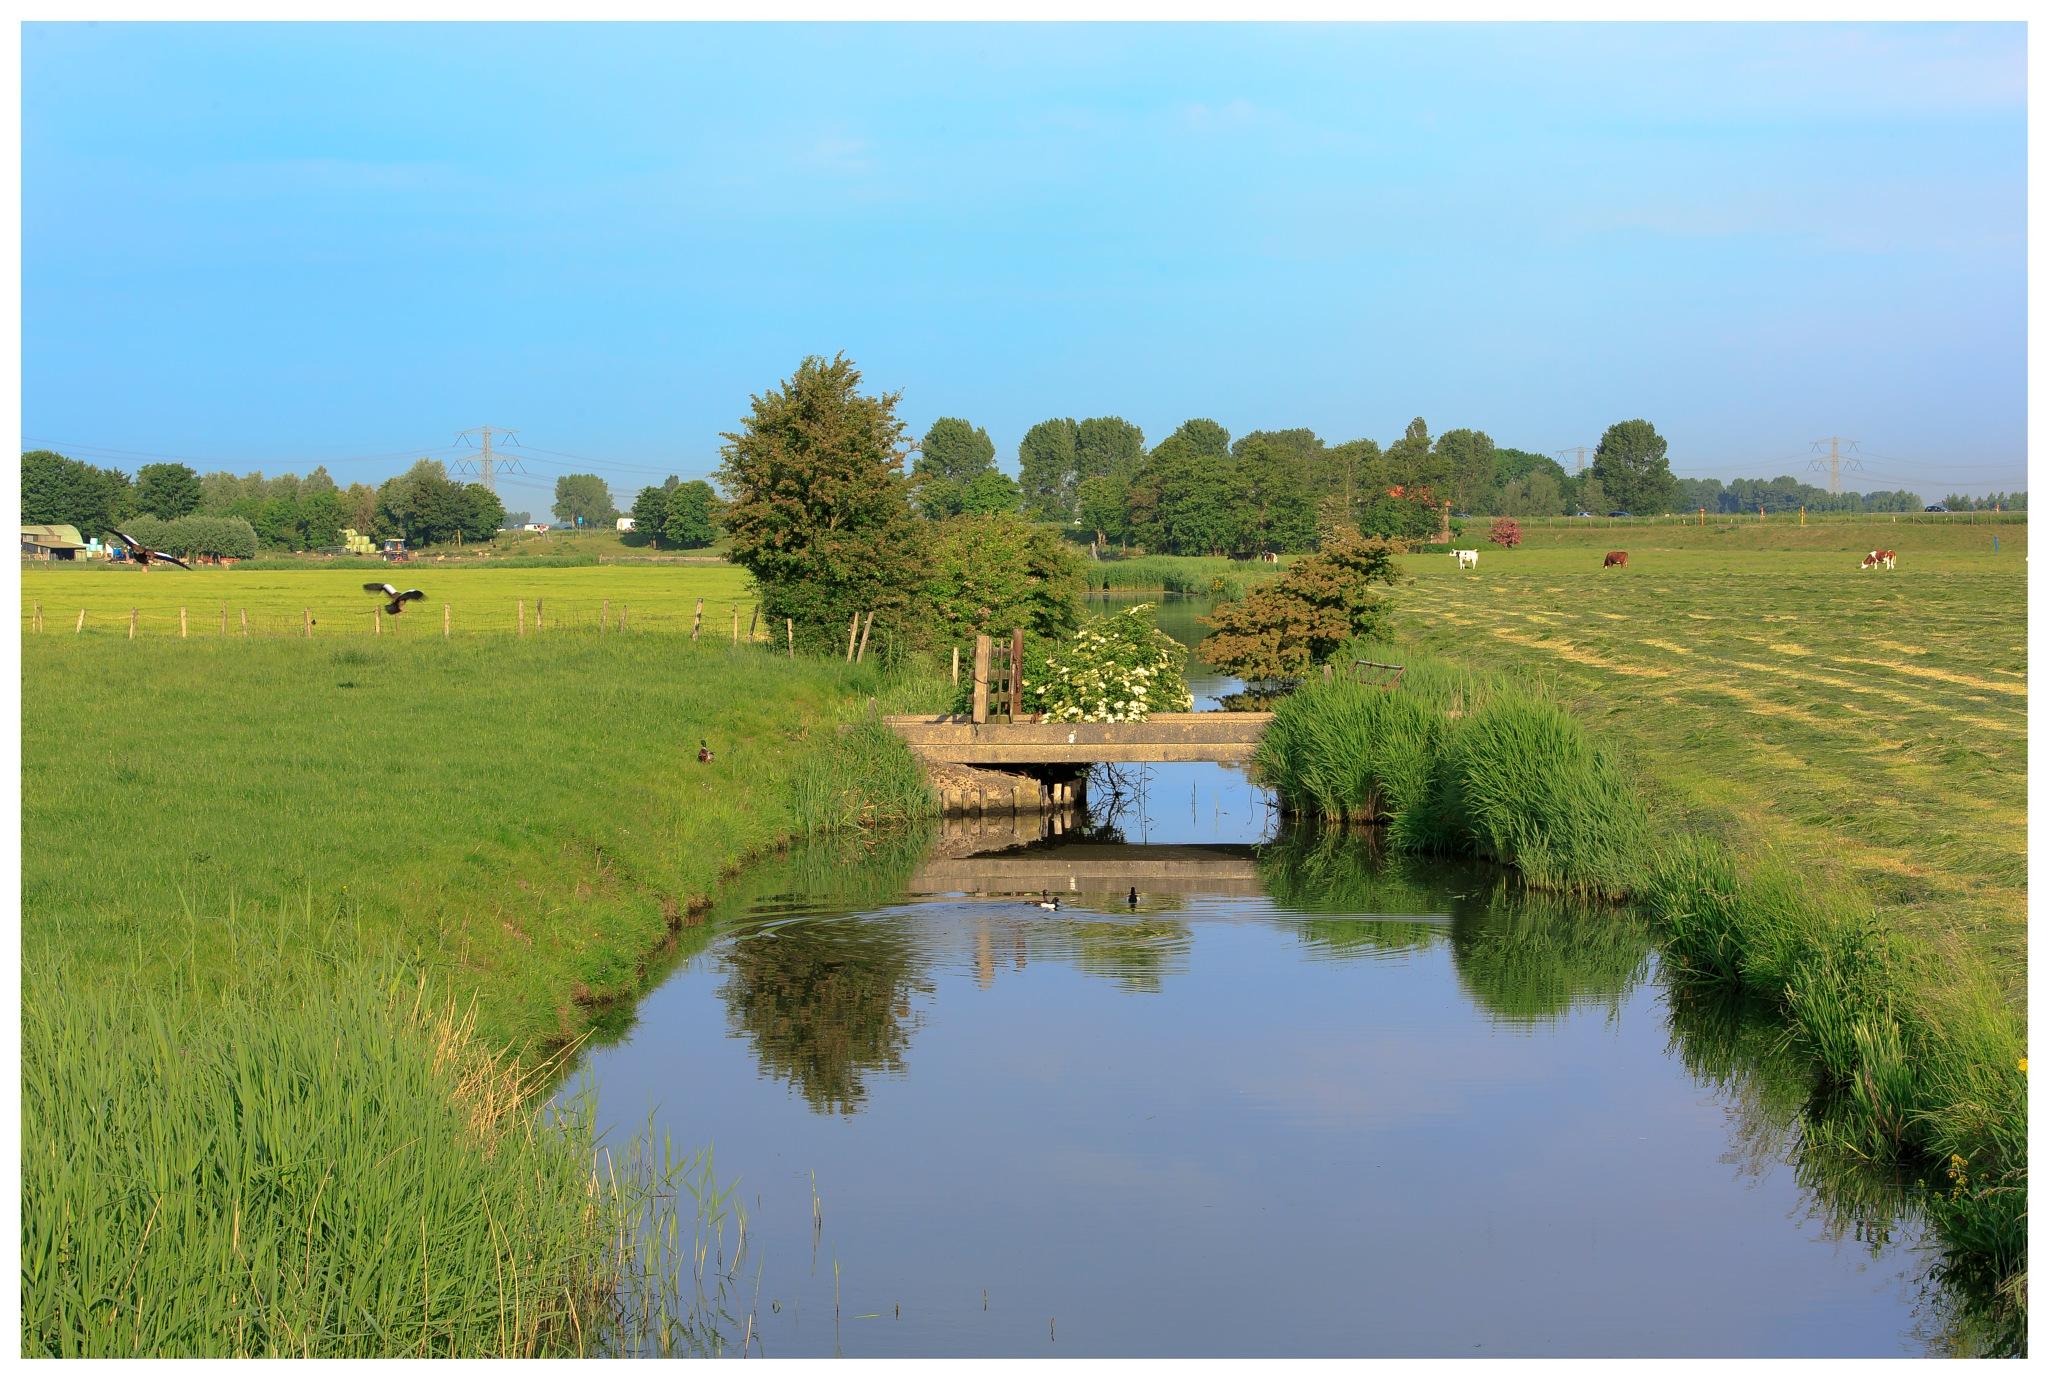 Voorne Putten Landscape by ad.kesteloo